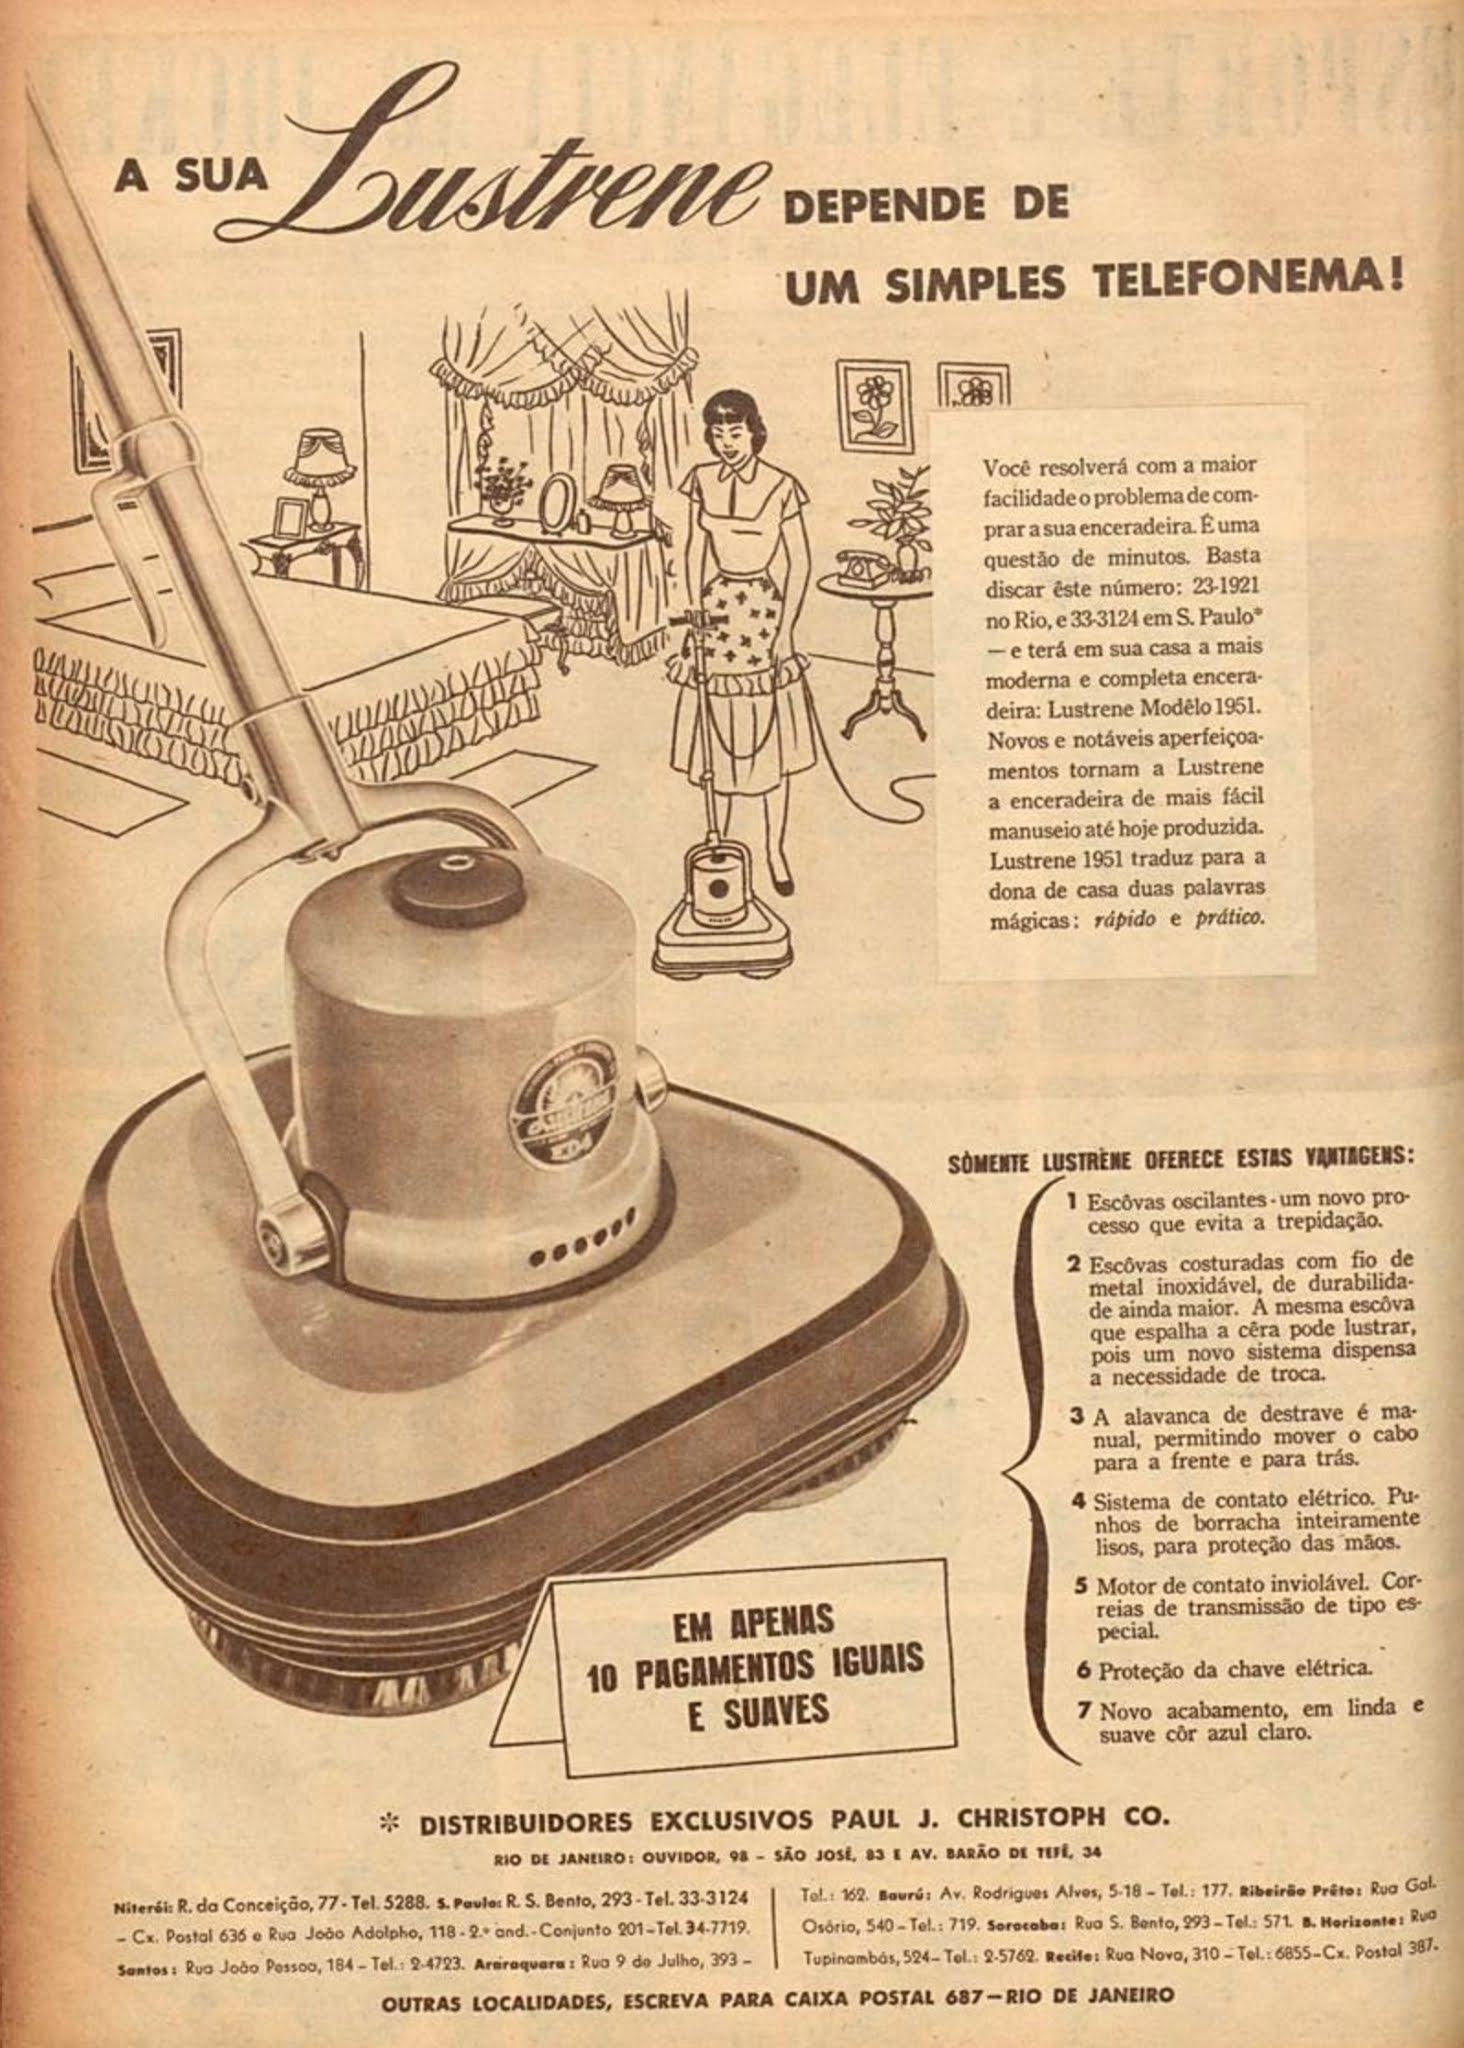 Propaganda antiga promovia a venda da Enceradeira Lustrene por telefone em 1951